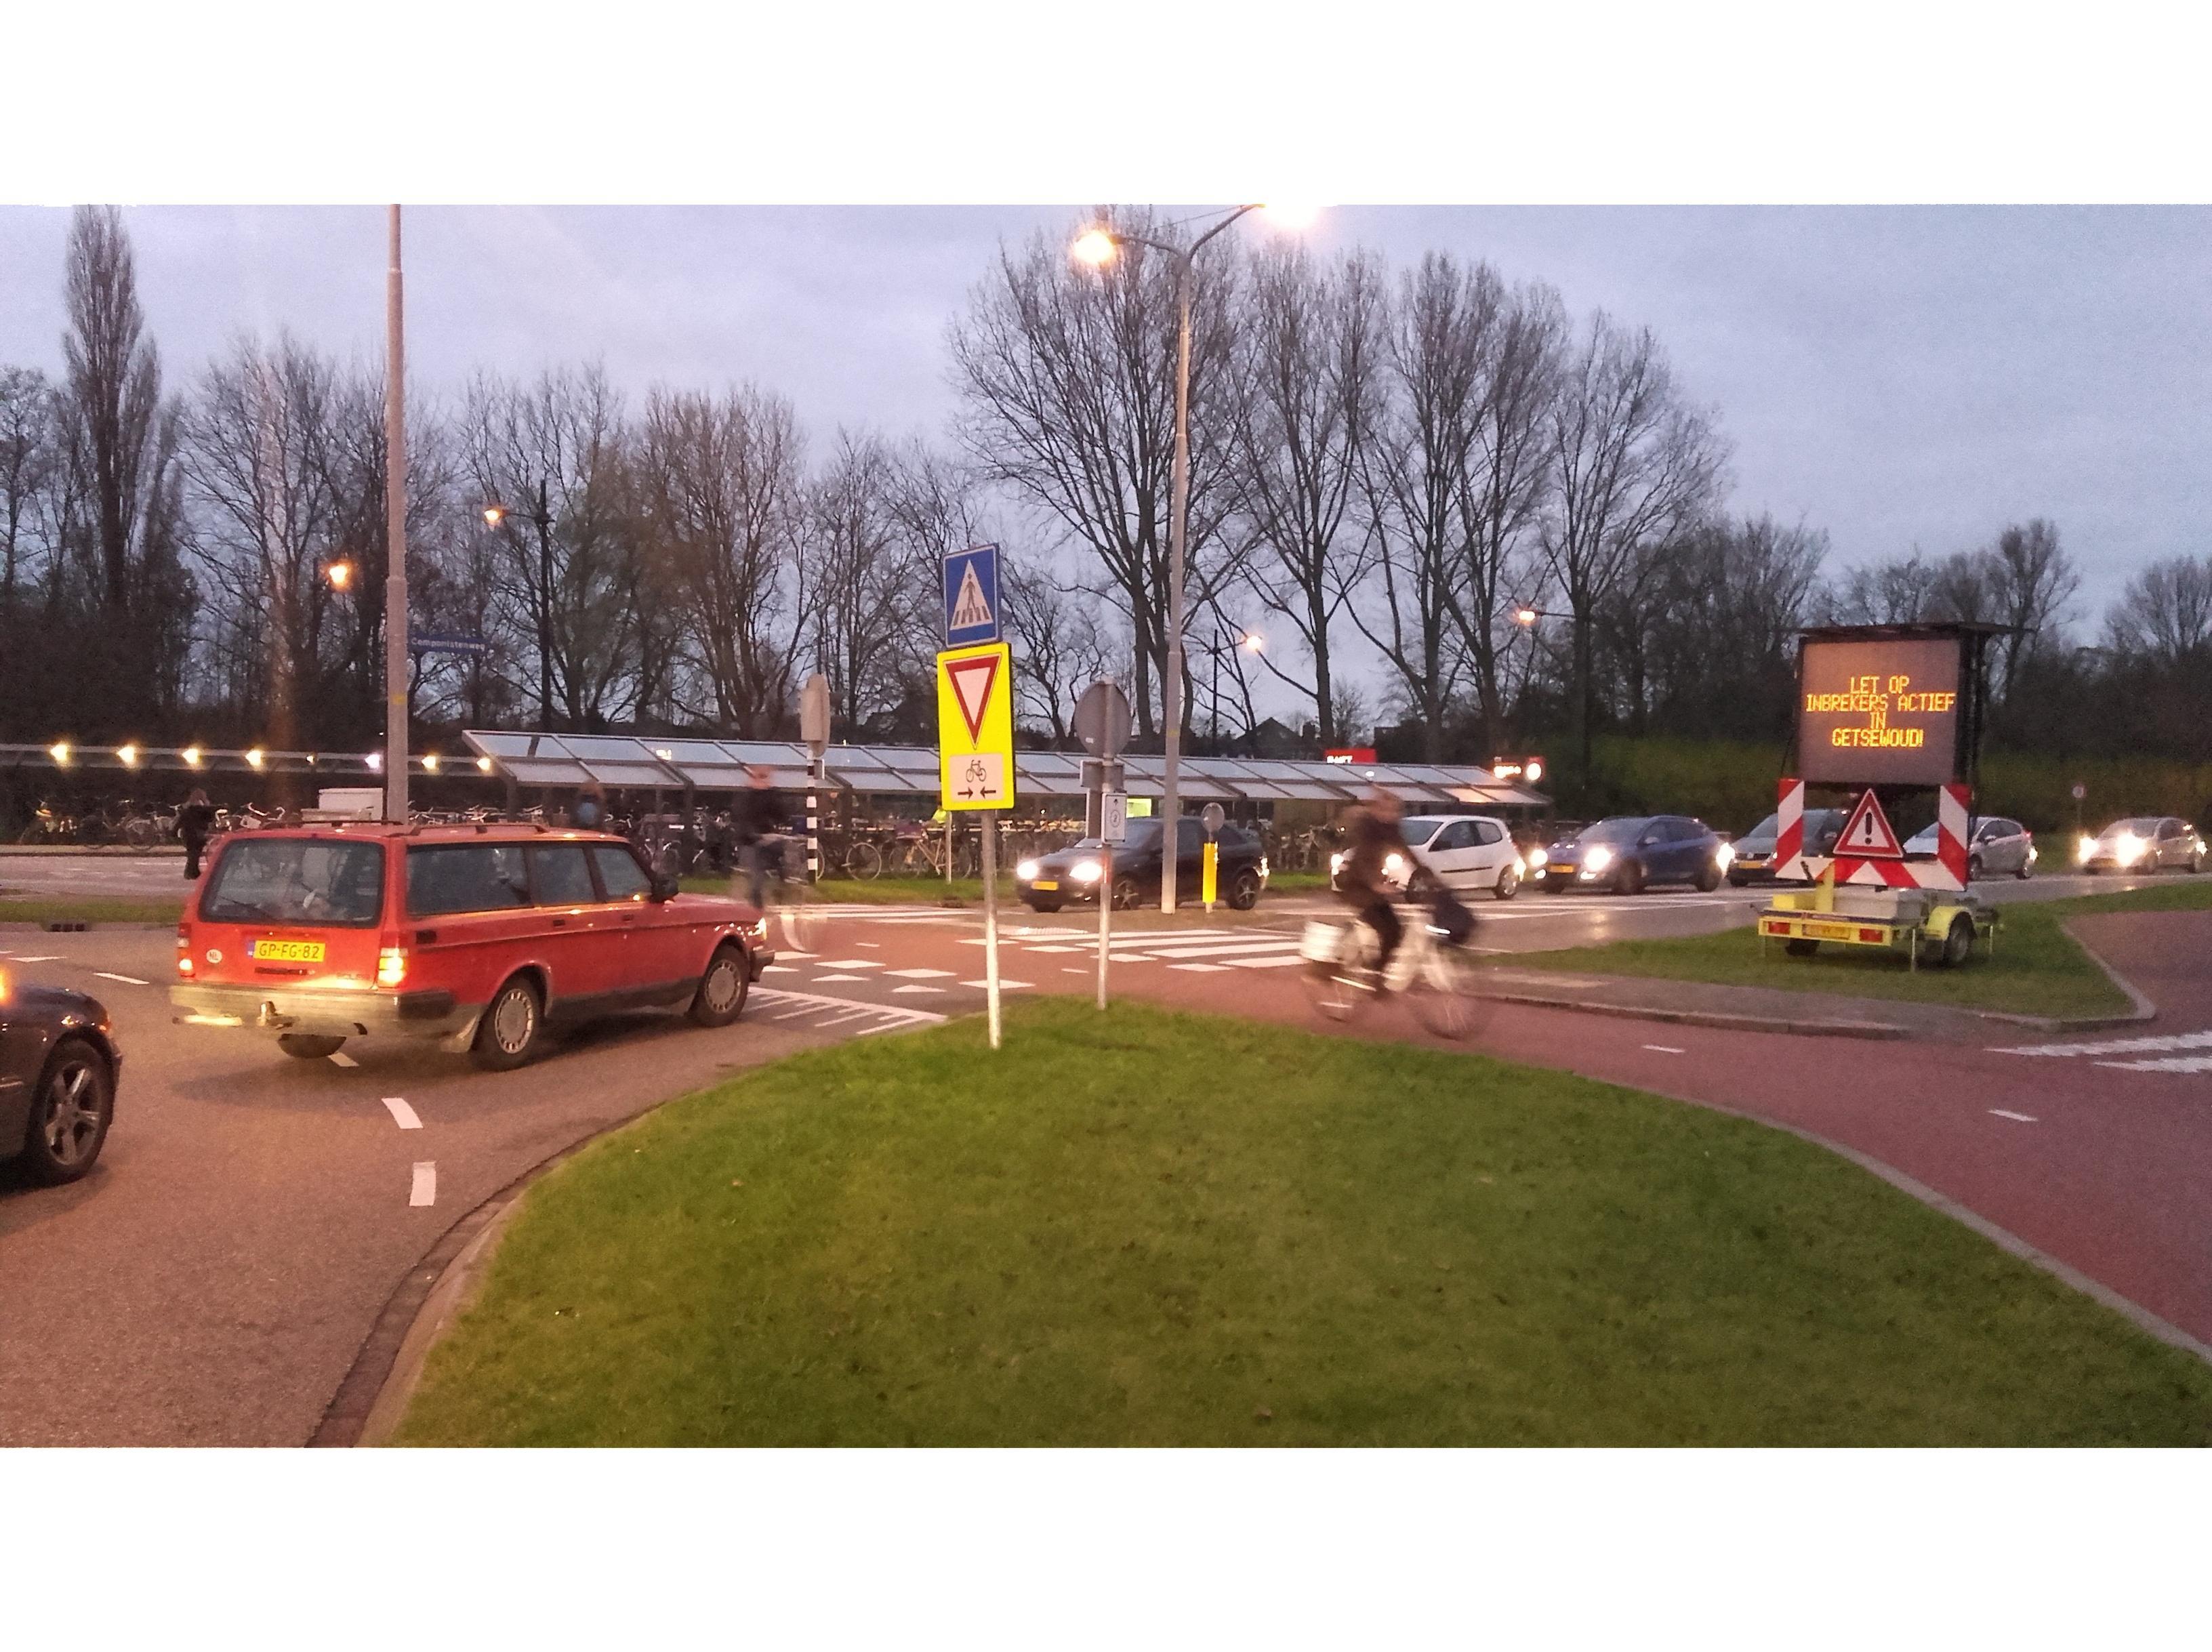 'Onveilig' matrixbord bij rotonde Nieuw-Vennep snel weggehaald